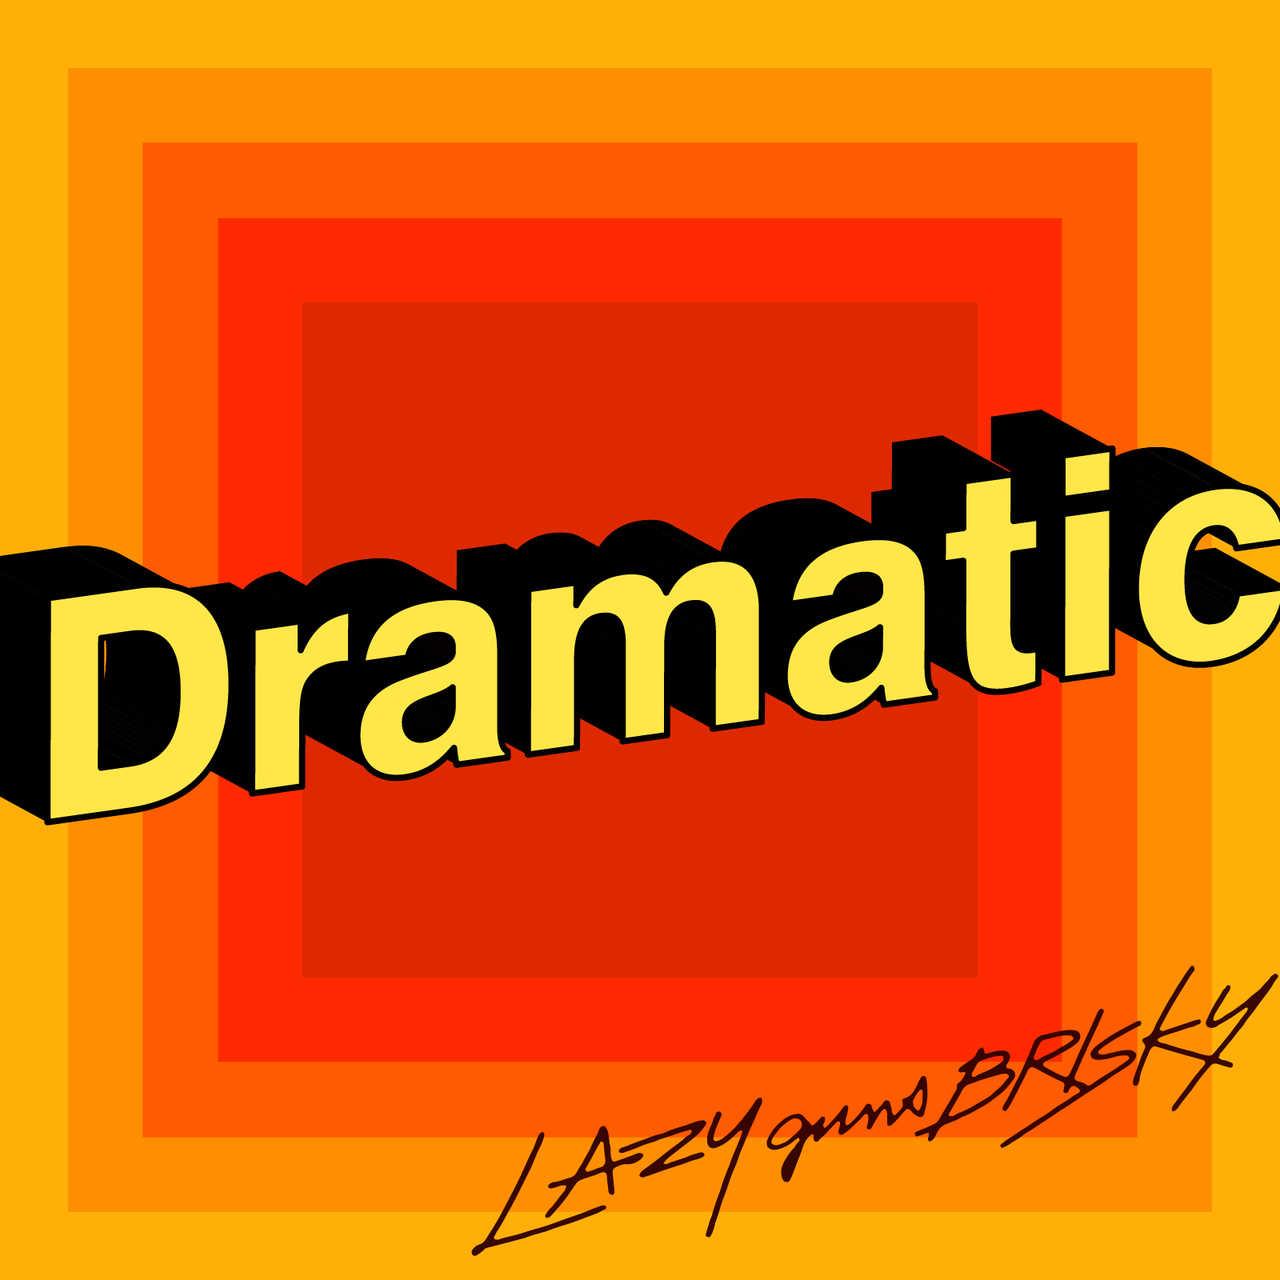 配信楽曲「Dramatic」